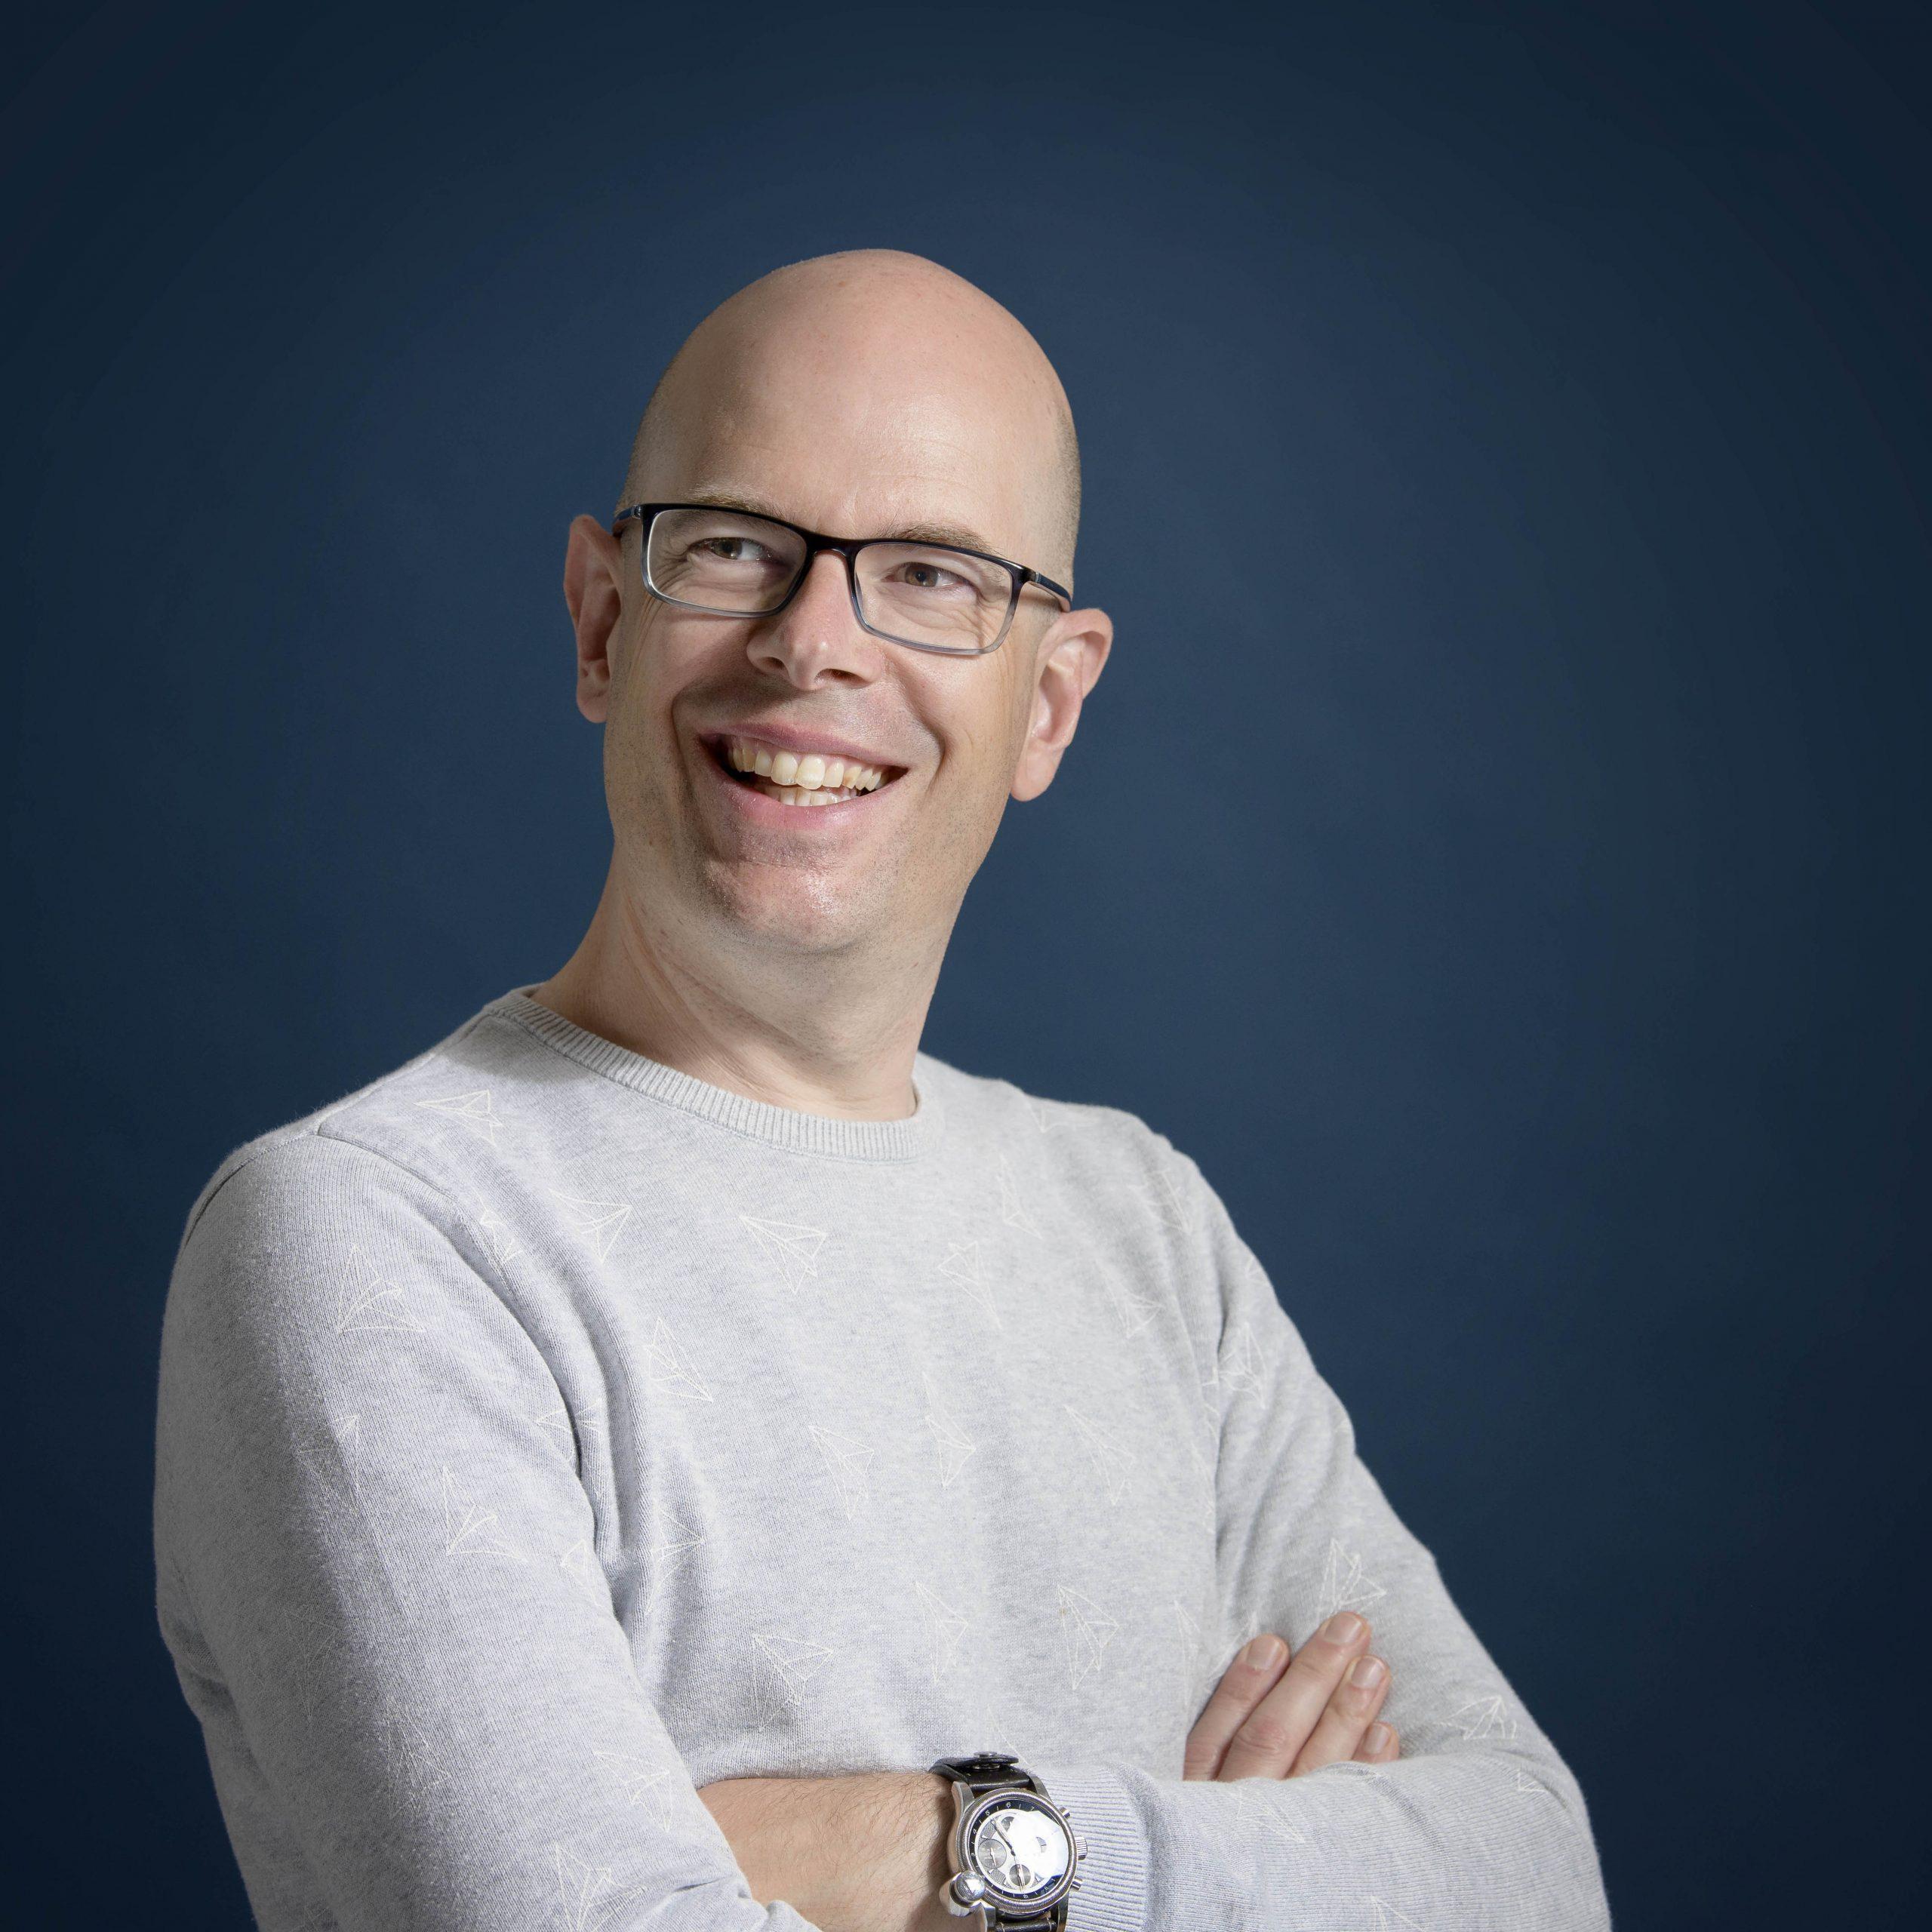 Sander van der Torren